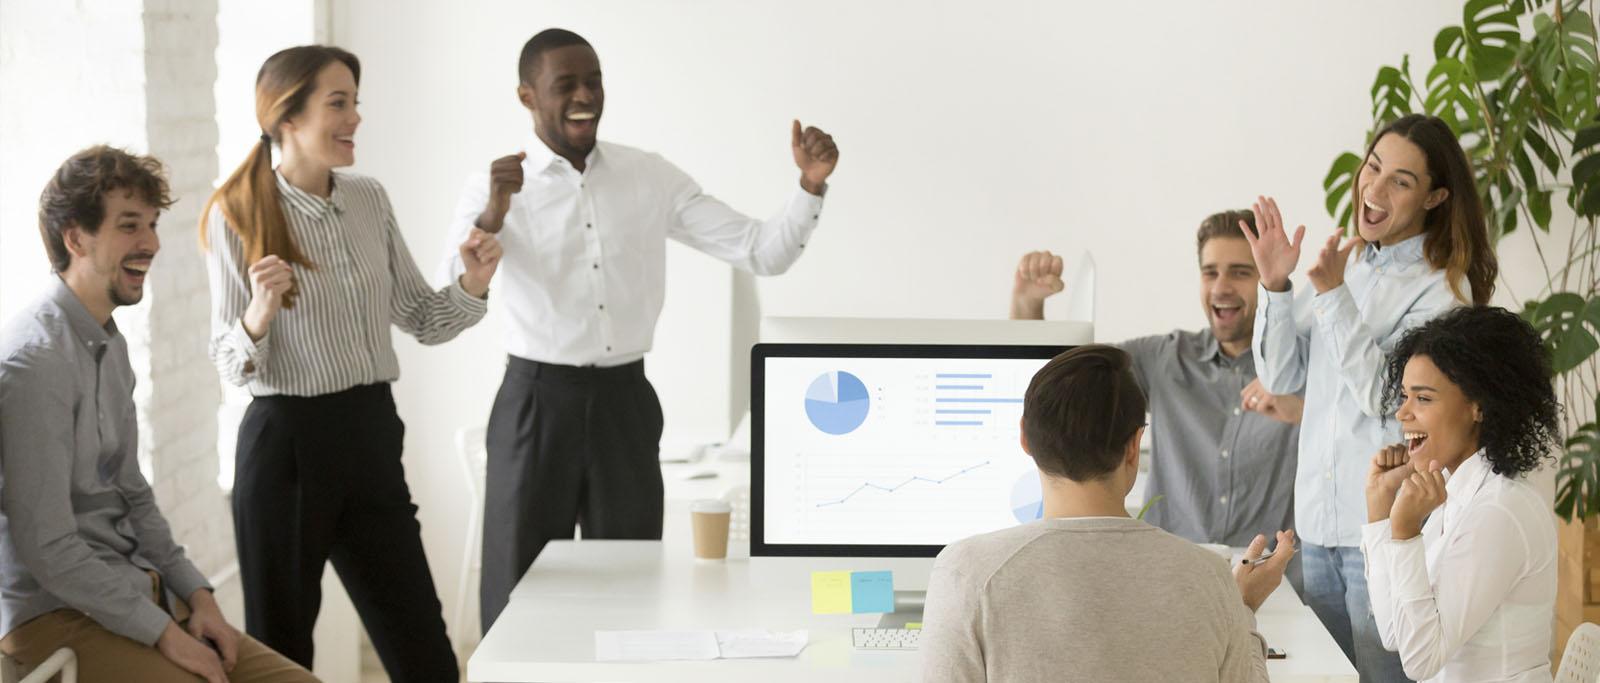 Como aumentar as vendas: veja 6 passos para potencializar a produtividade da sua equipe